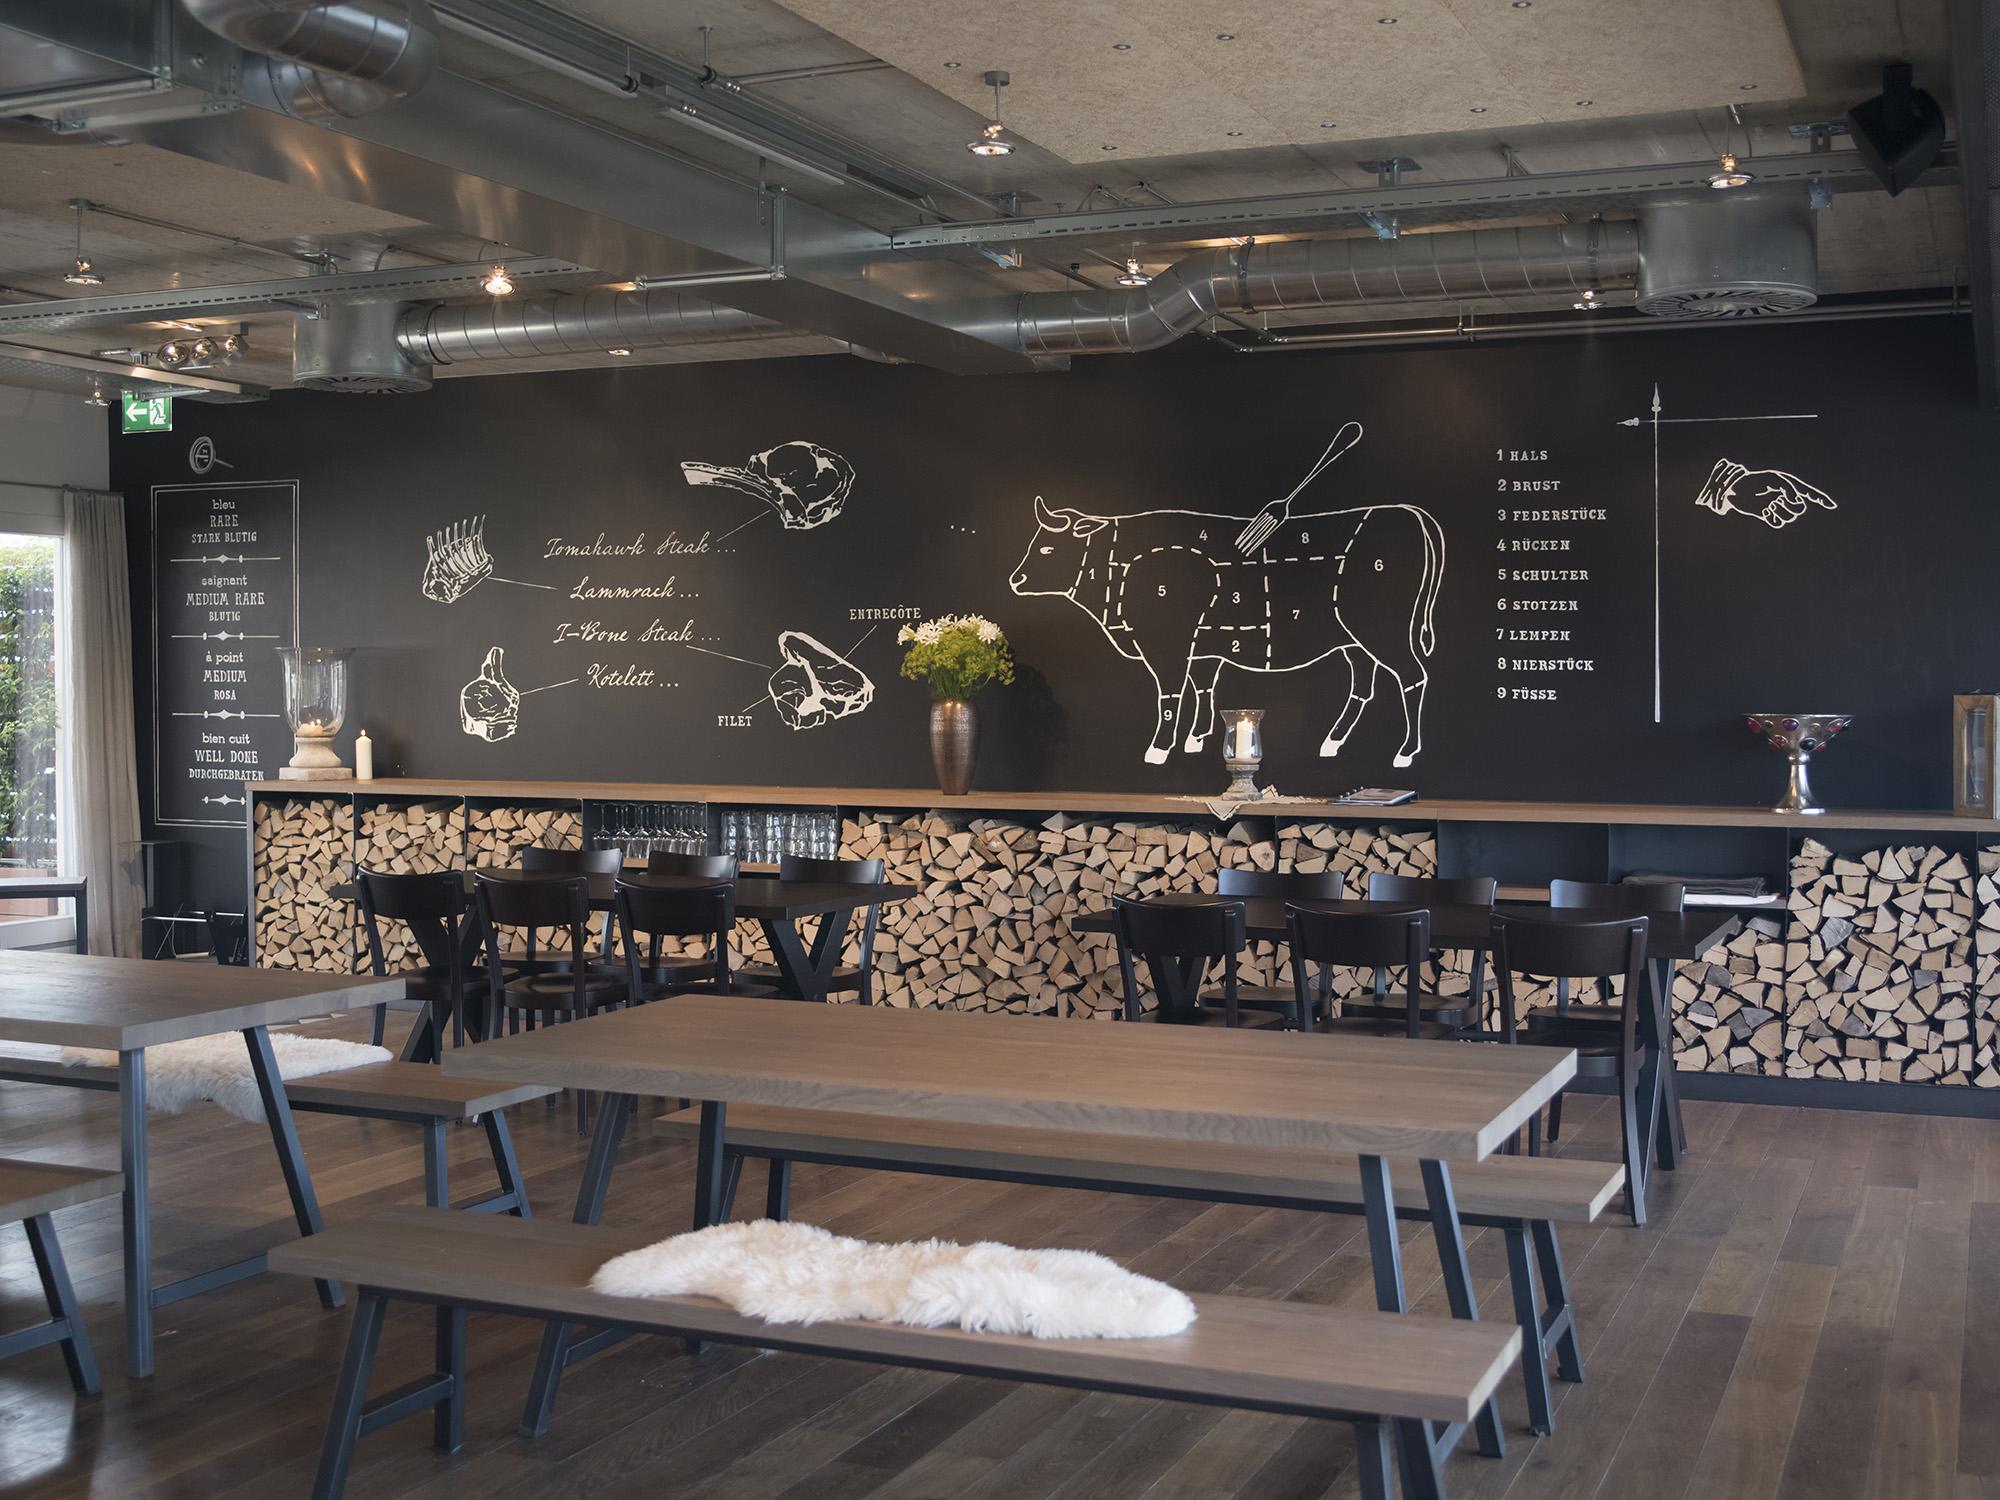 Restaurant Noa, Bern